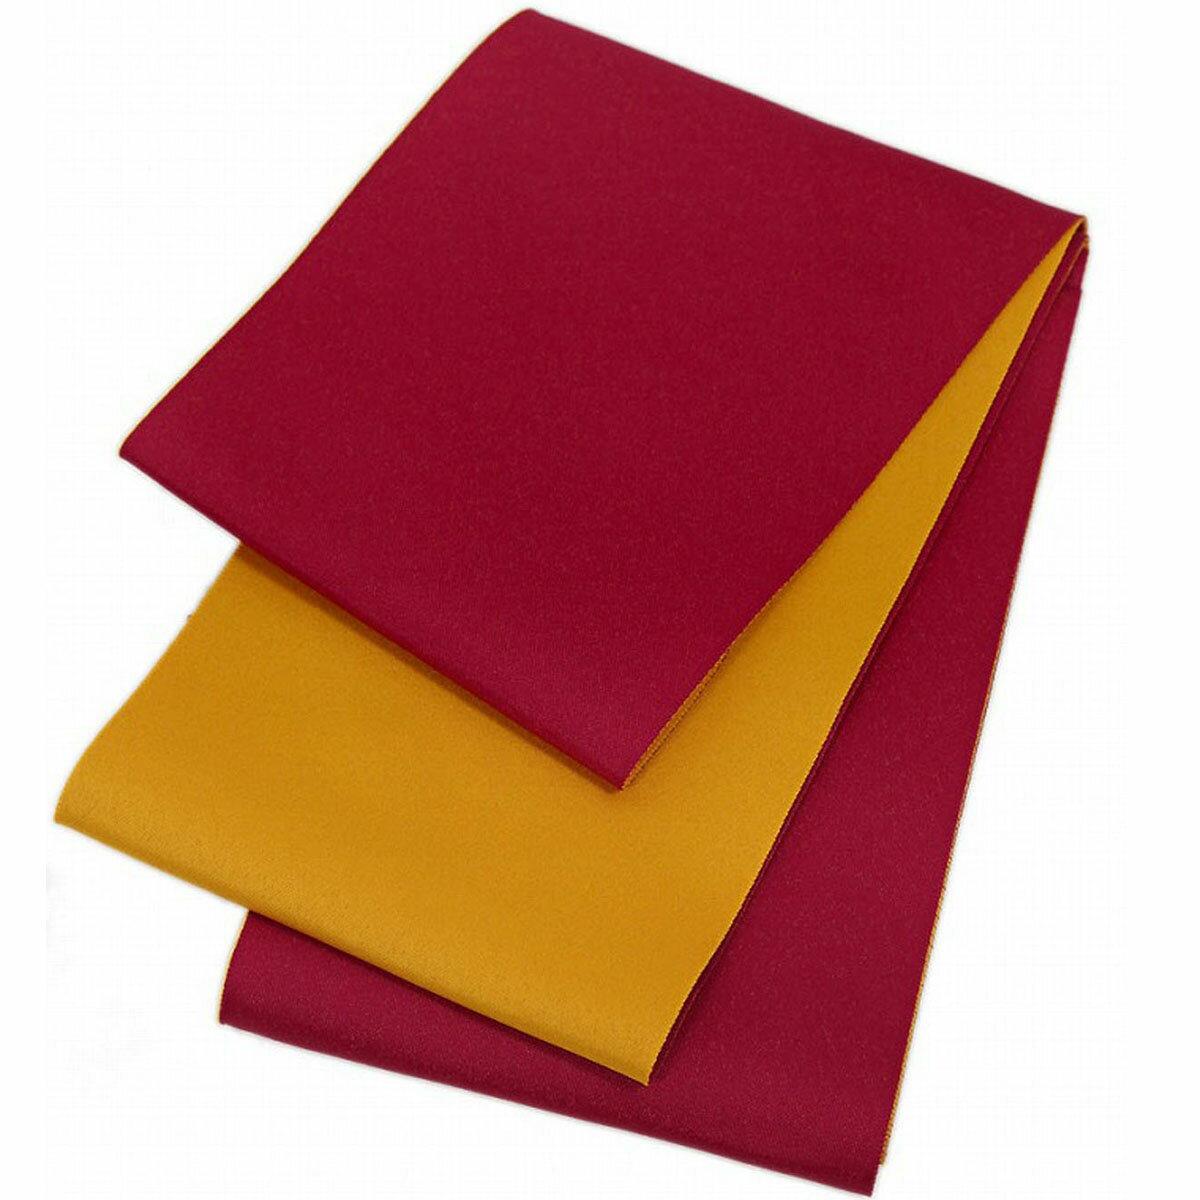 日本製 シンプル リバーシブル 浴衣帯 無地 エンジ×黄色 長尺 超長尺